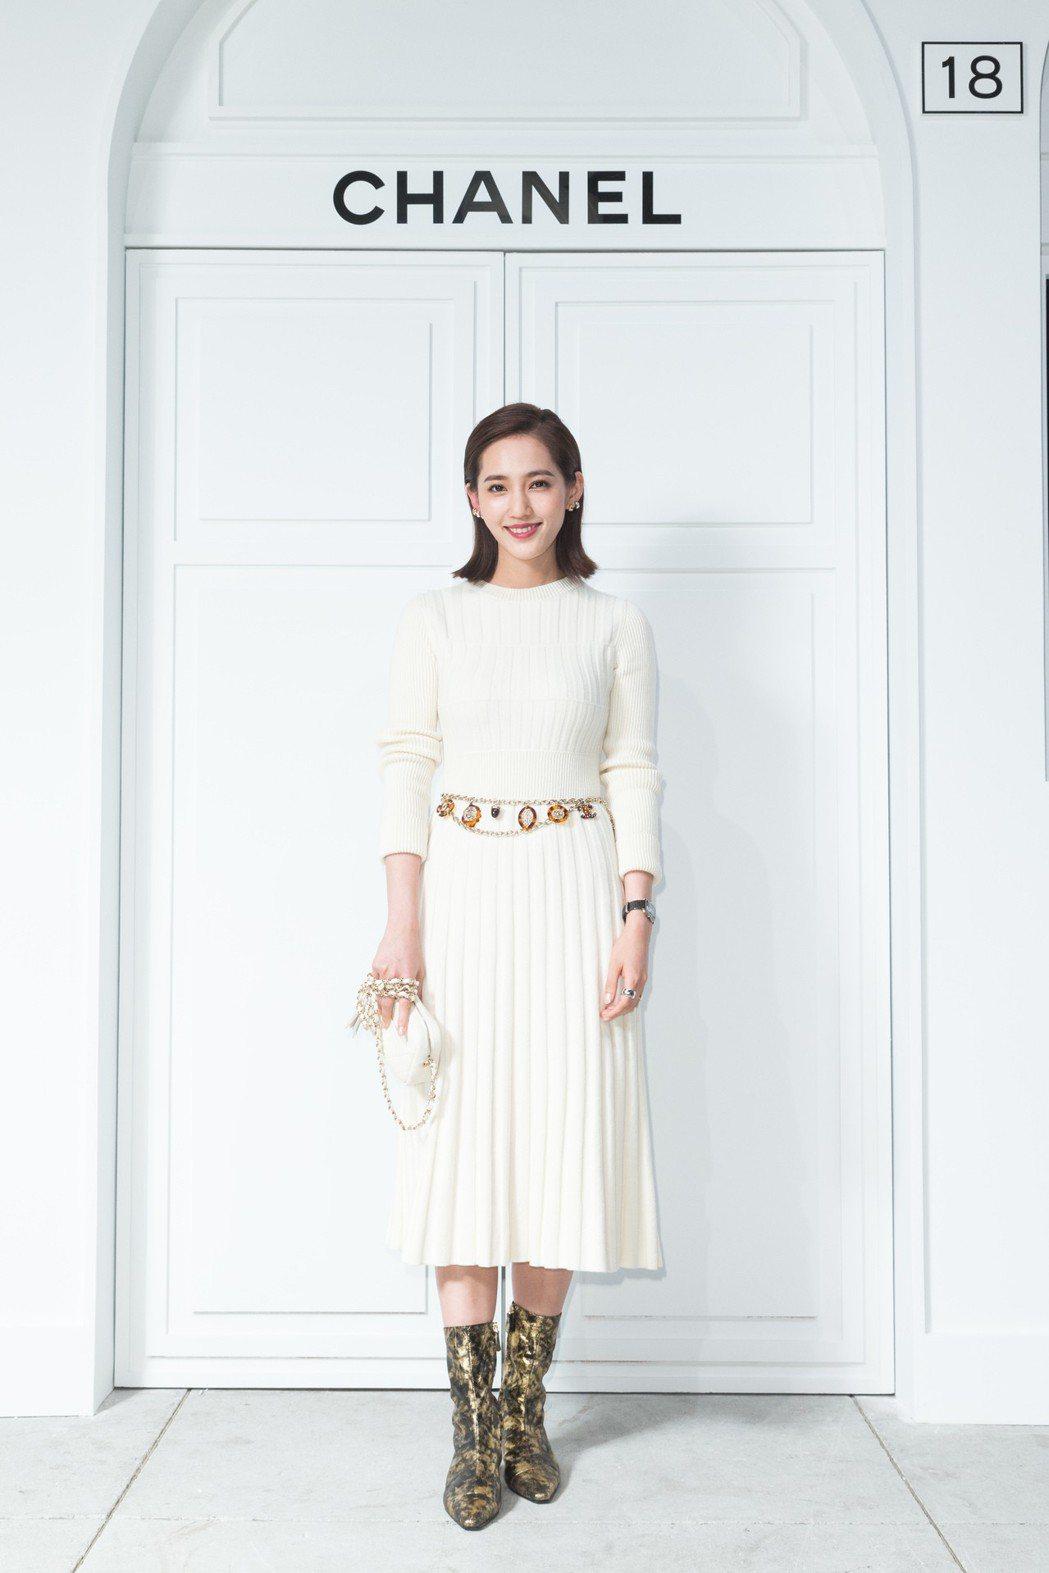 結婚生子後首度公開亮相的王棠云,最喜歡經典的菱格紋。記者陳立凱/攝影